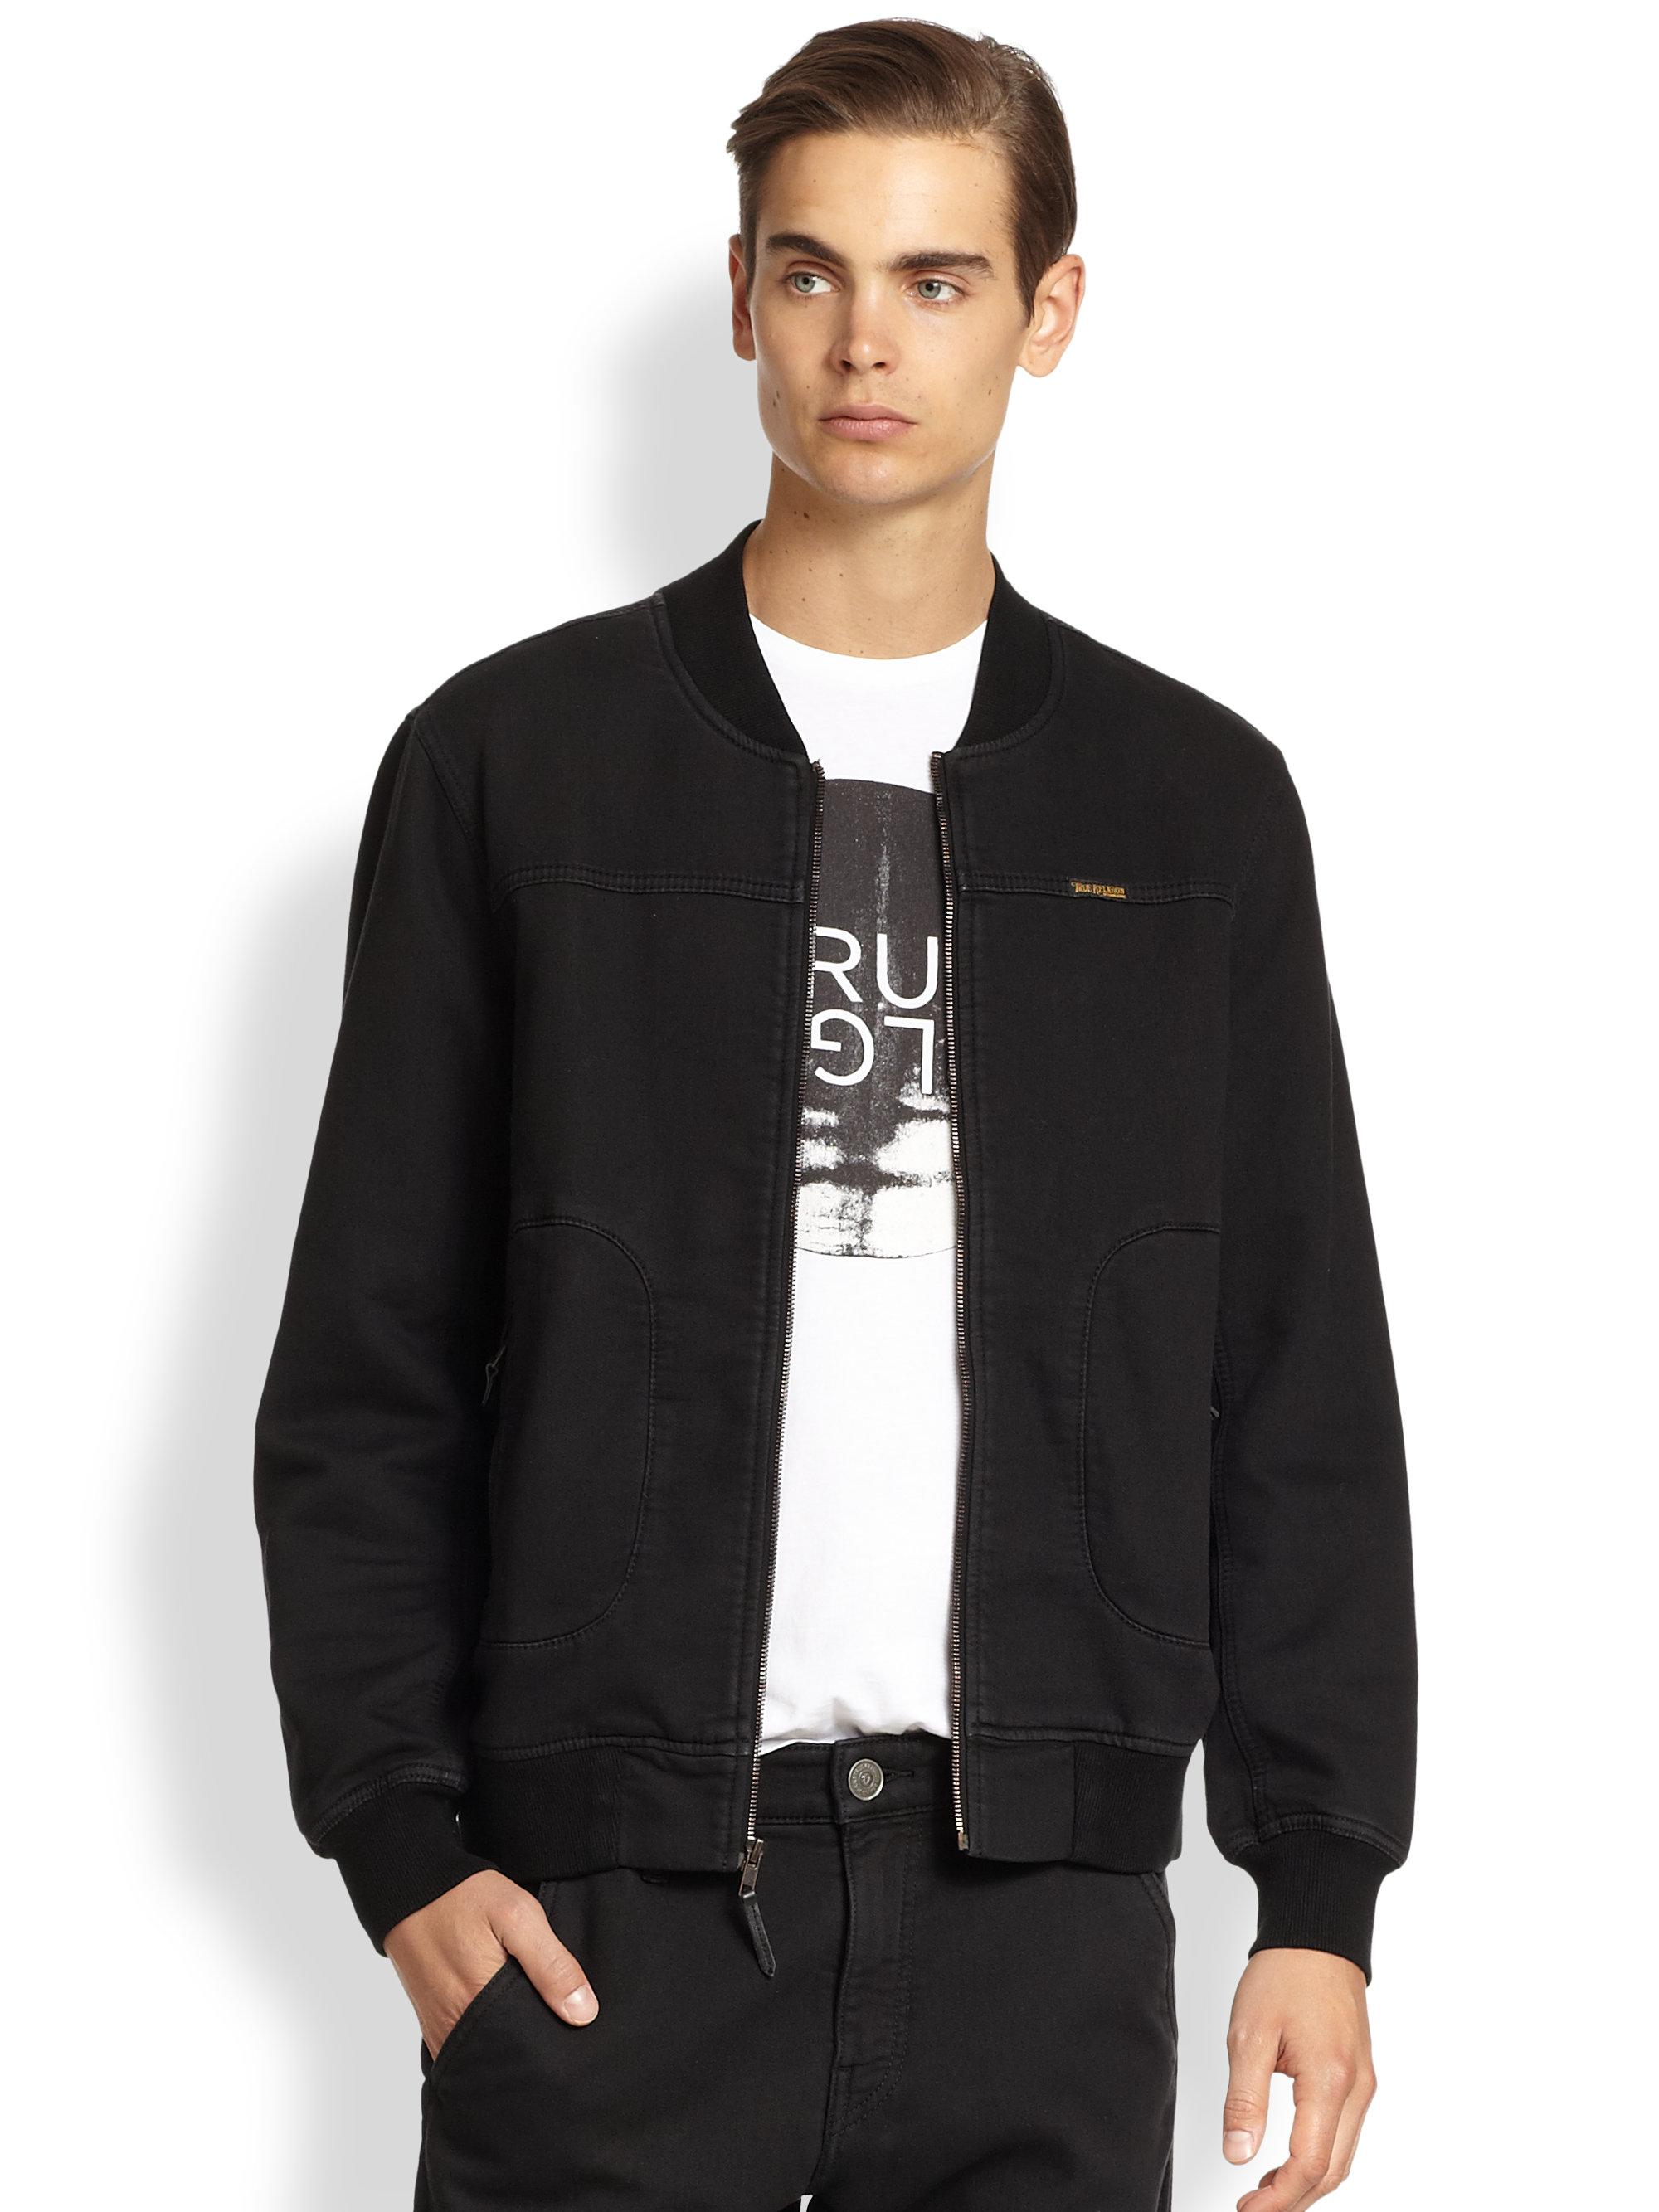 Religion Bomber Jacket